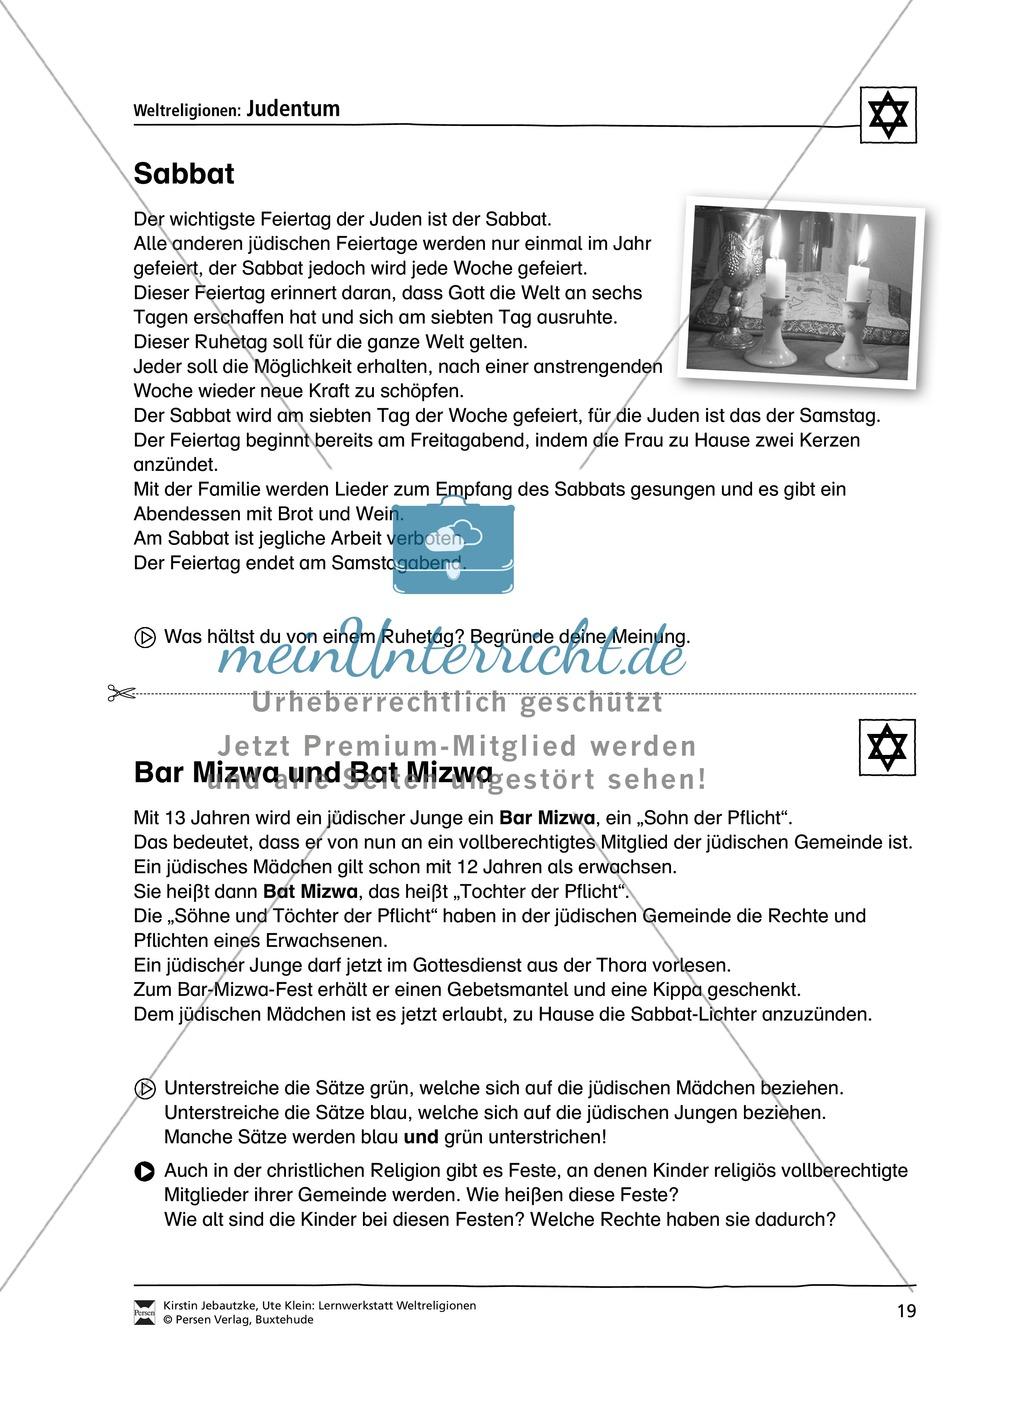 Unterrichtsmaterial zum Judentum - mit Infomaterial zu Gottheit, Schrift, Synagogen, Feiertagen uvm. Preview 11